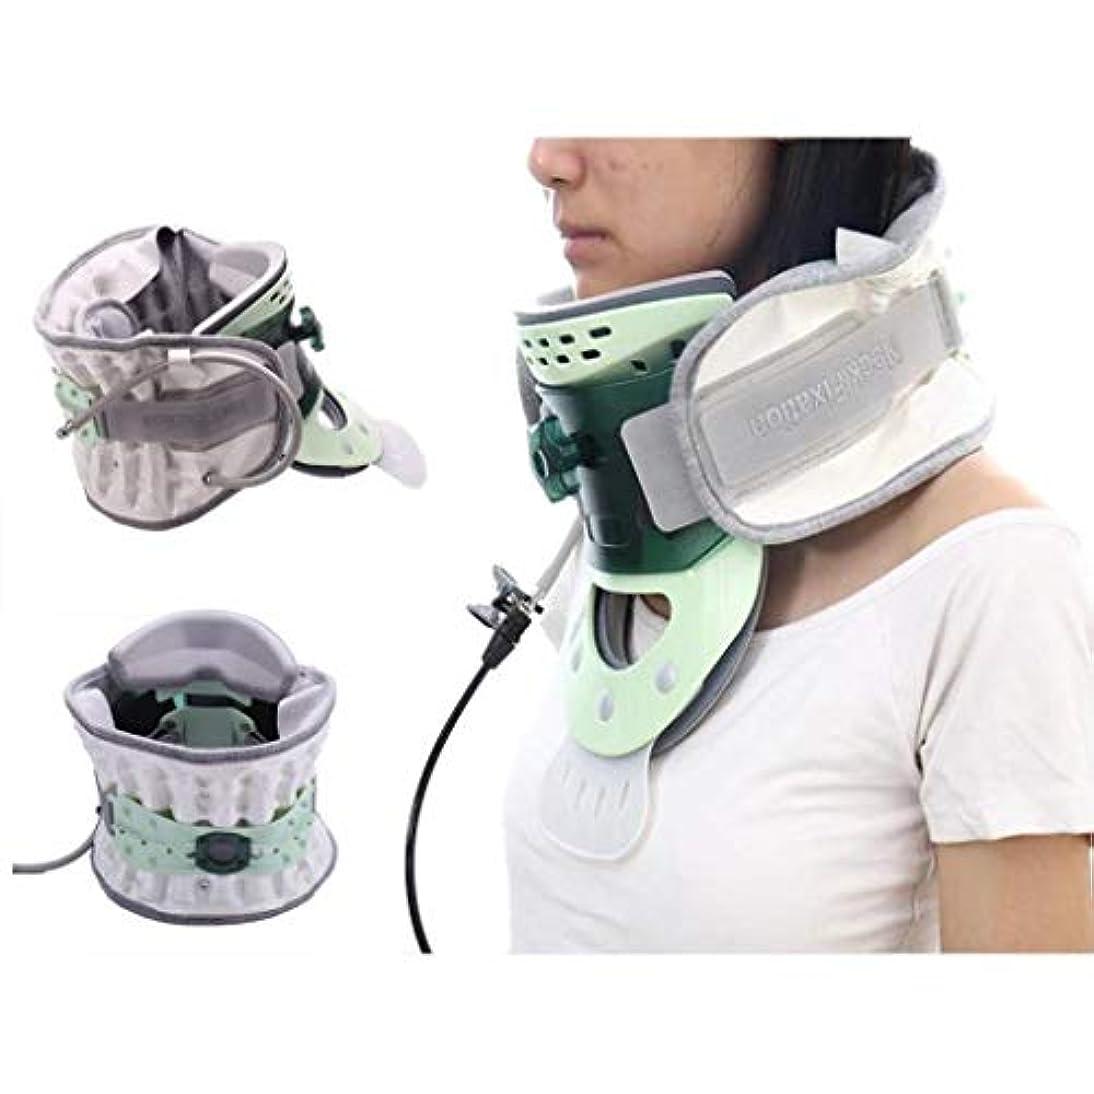 特性バタフライグリーンランド首の痛みや頸椎症の人に適したインフレータブル頸椎トラクター、首牽引装置、家の保護頸椎矯正器具